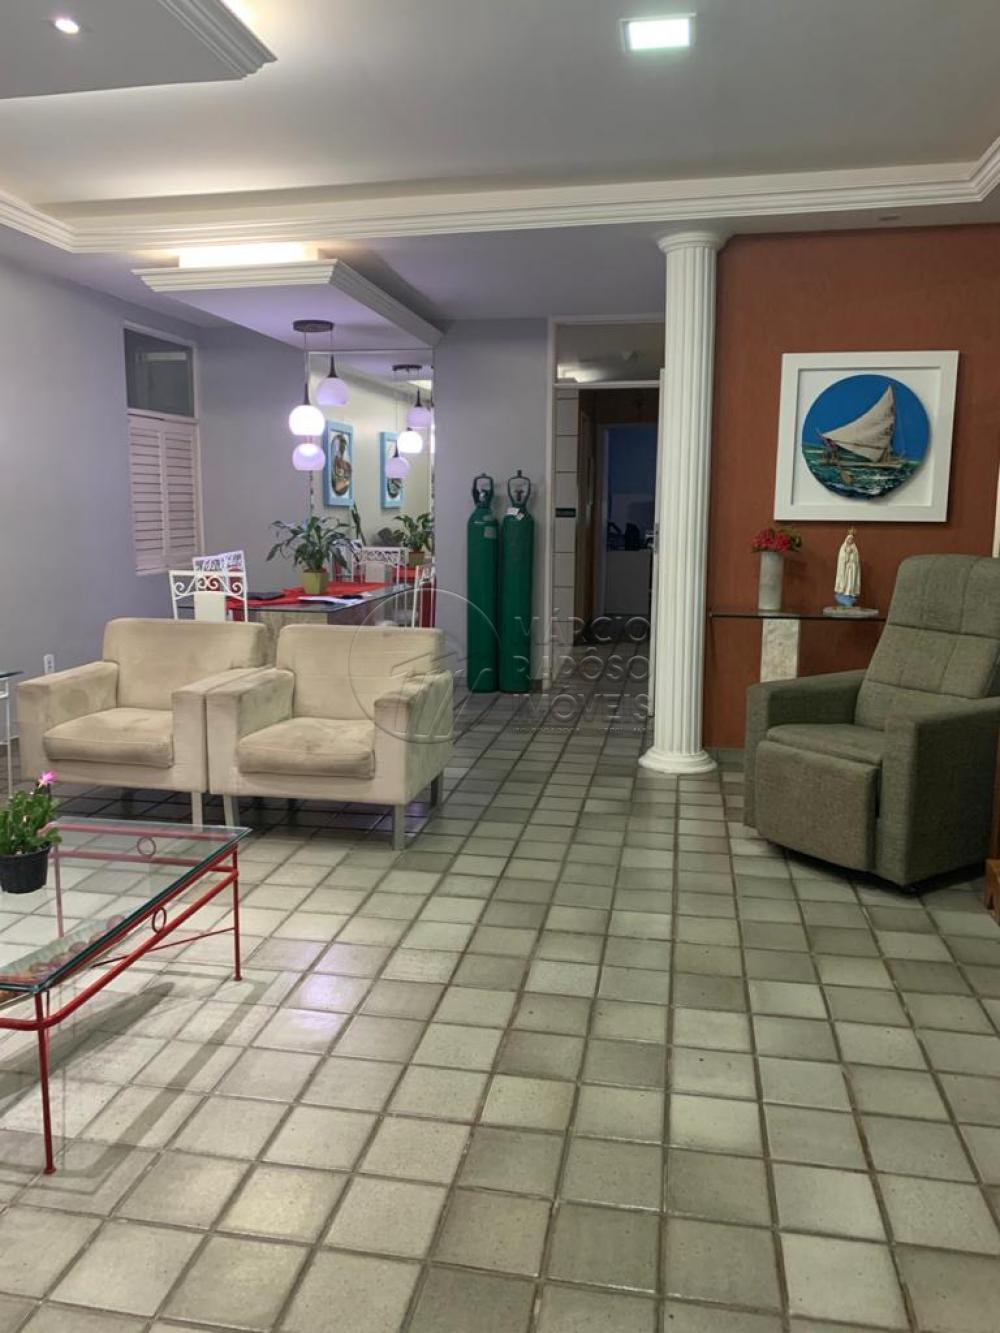 CASA  casa de 151,50m² para venda.  possui: - 3 quartos (sendo 1 suíte); - sala de estar; - sala de jantar; - DCE; - área de serviço; - piscina; - varanda.  * Entre em contato conosco via celular ou WhatsApp, e agende uma visita com um de nossos corretores de plantão.